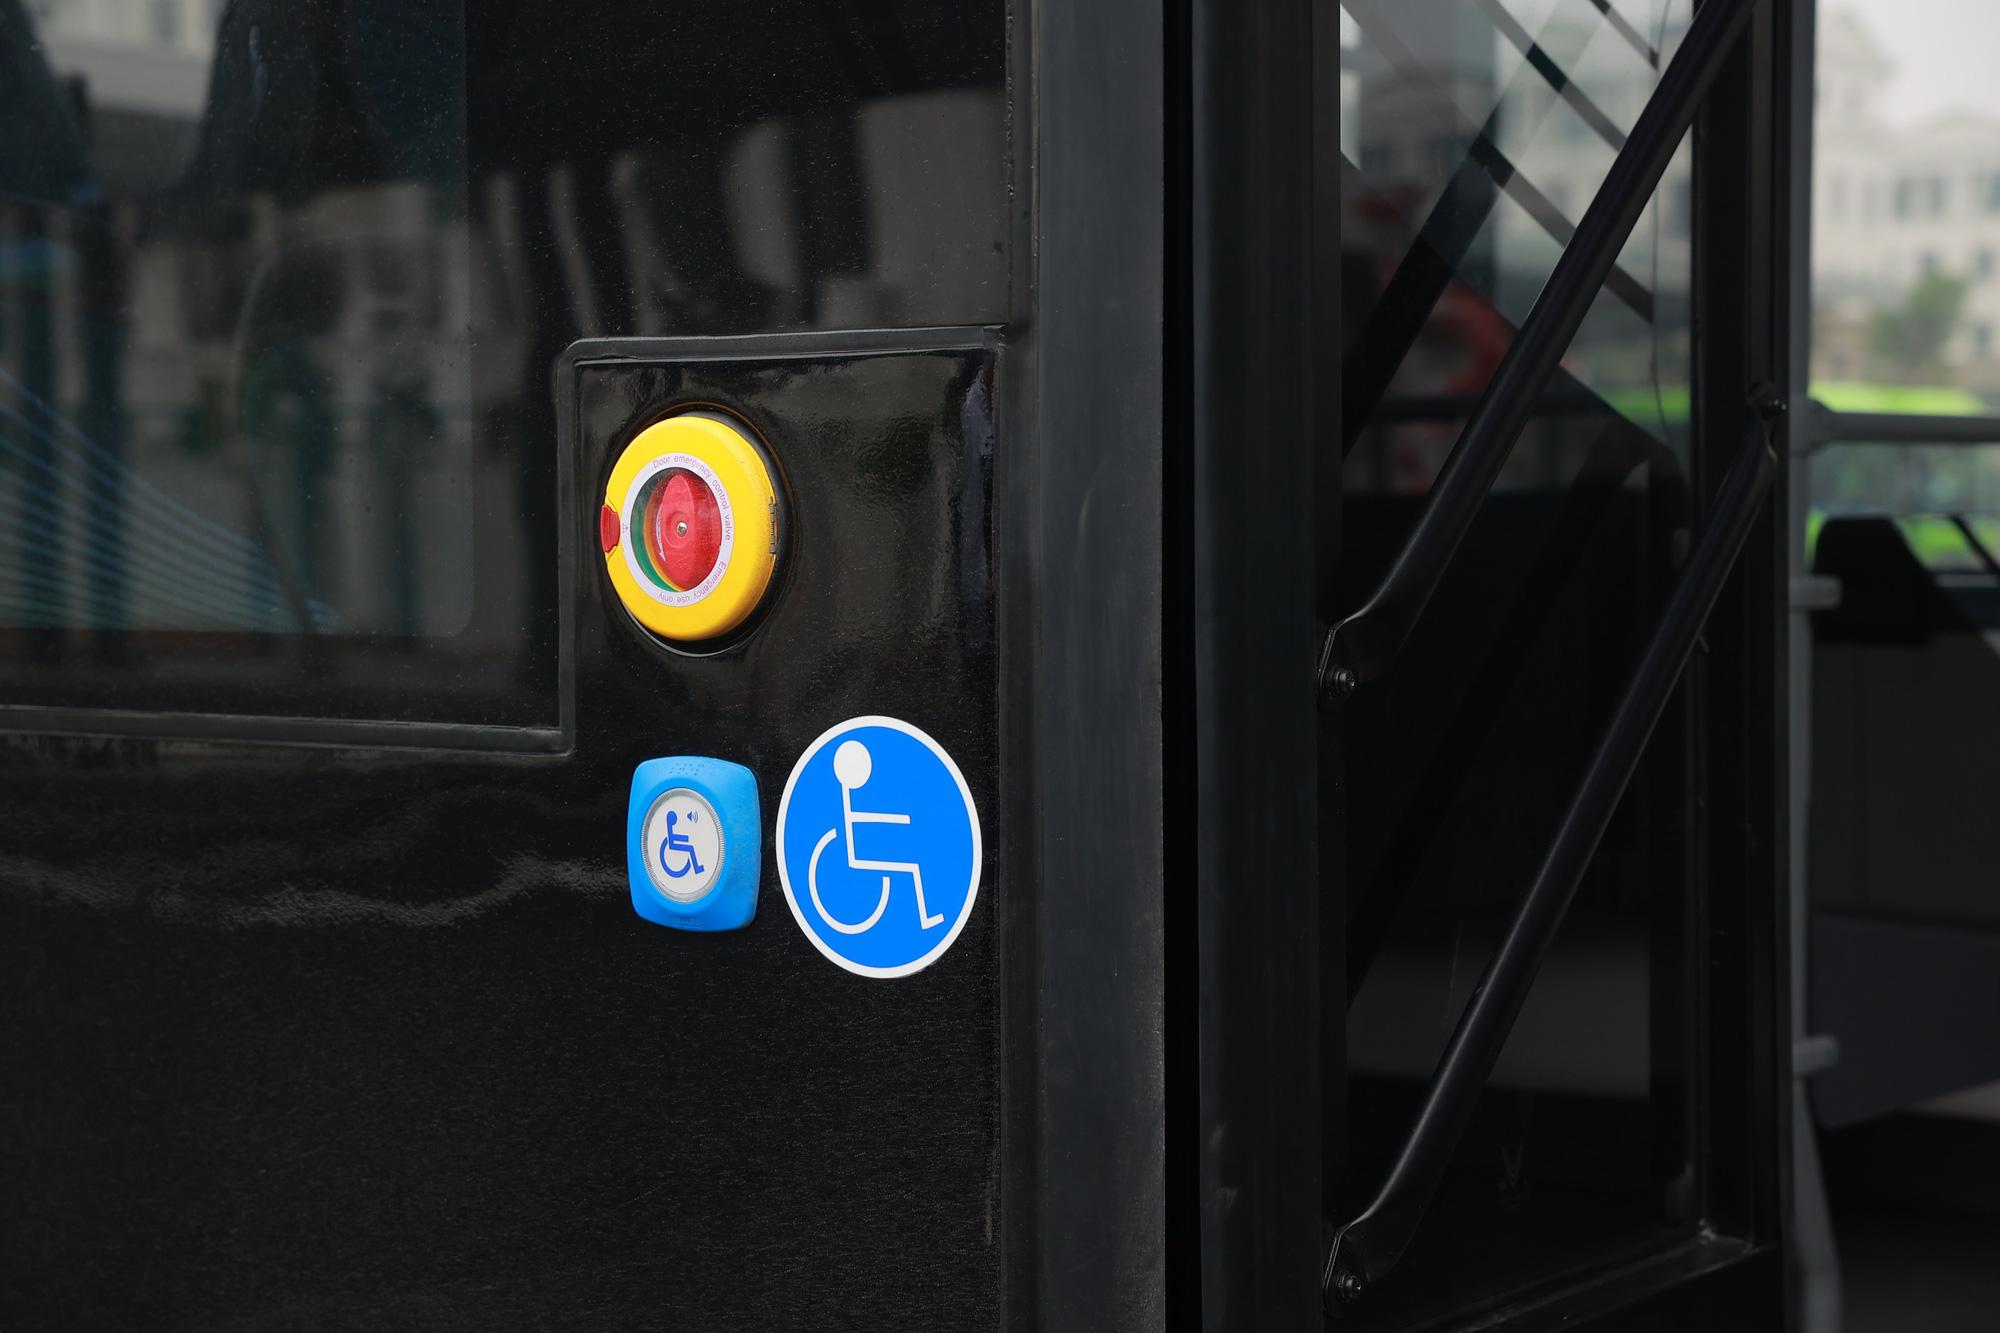 Cận cảnh xe buýt điện VinFast lăn bánh tại Hà Nội, có gì đặc biệt? - Ảnh 8.